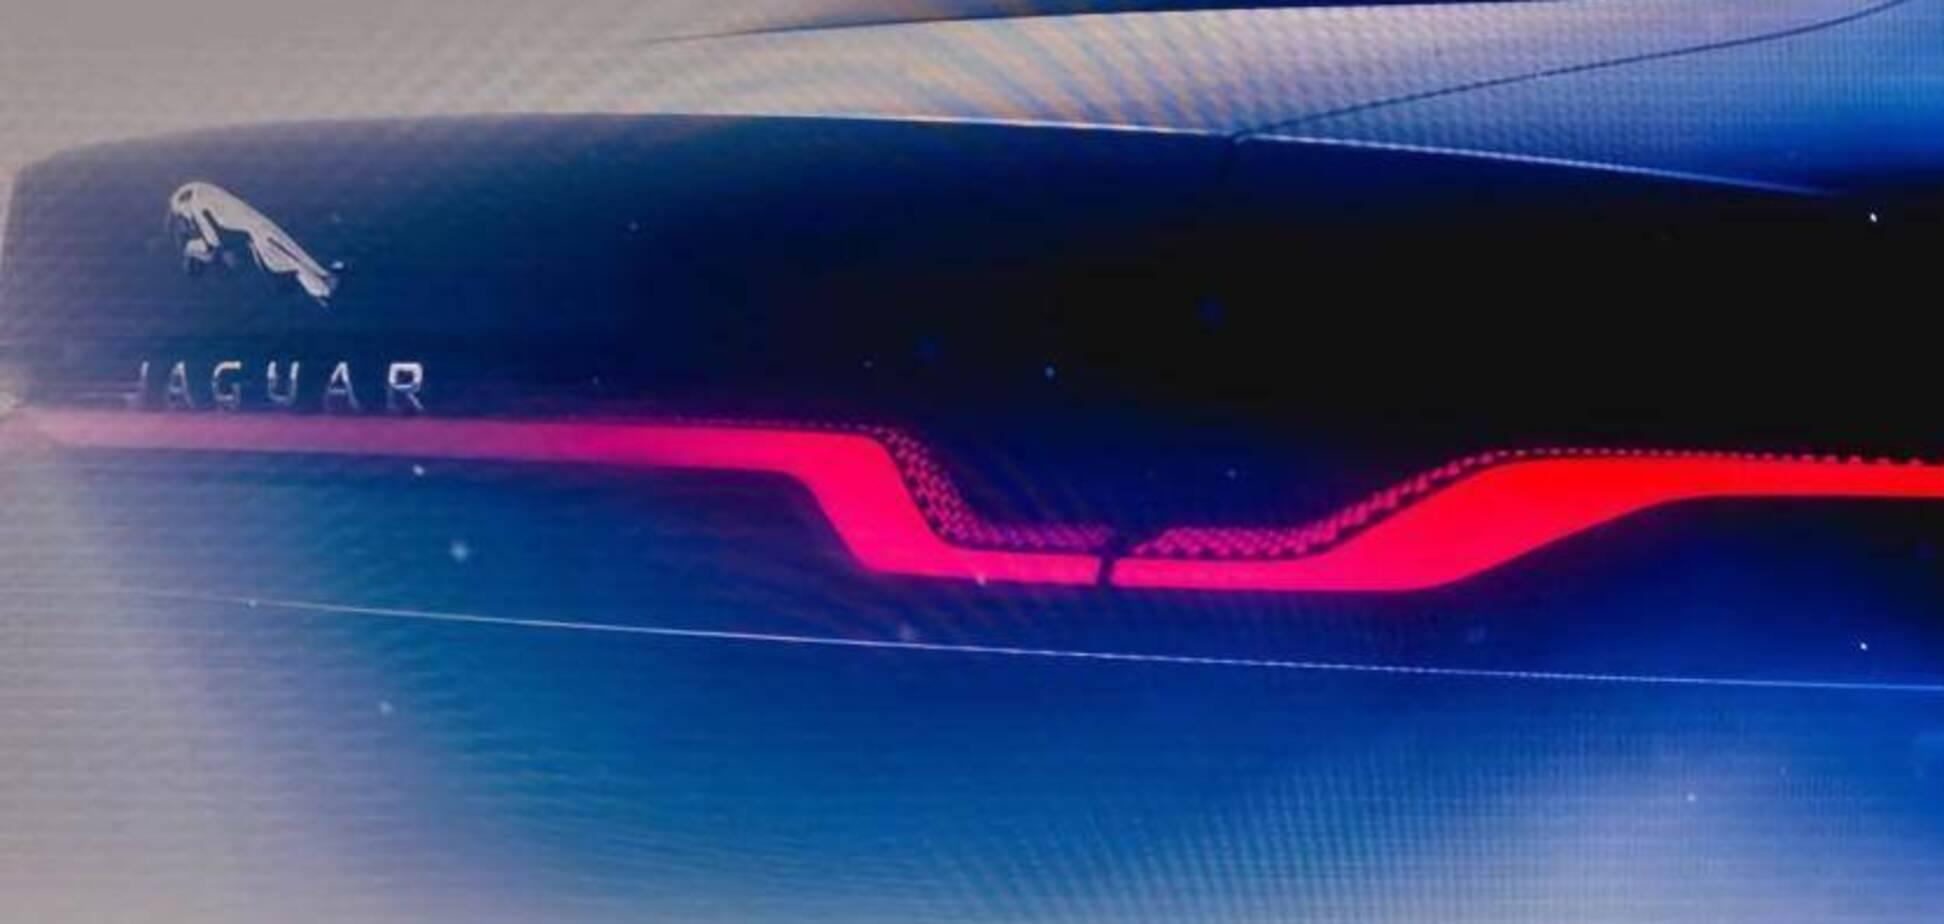 Довгоочікуваний електрокар Jaguar налякає Mercedes в наступному році